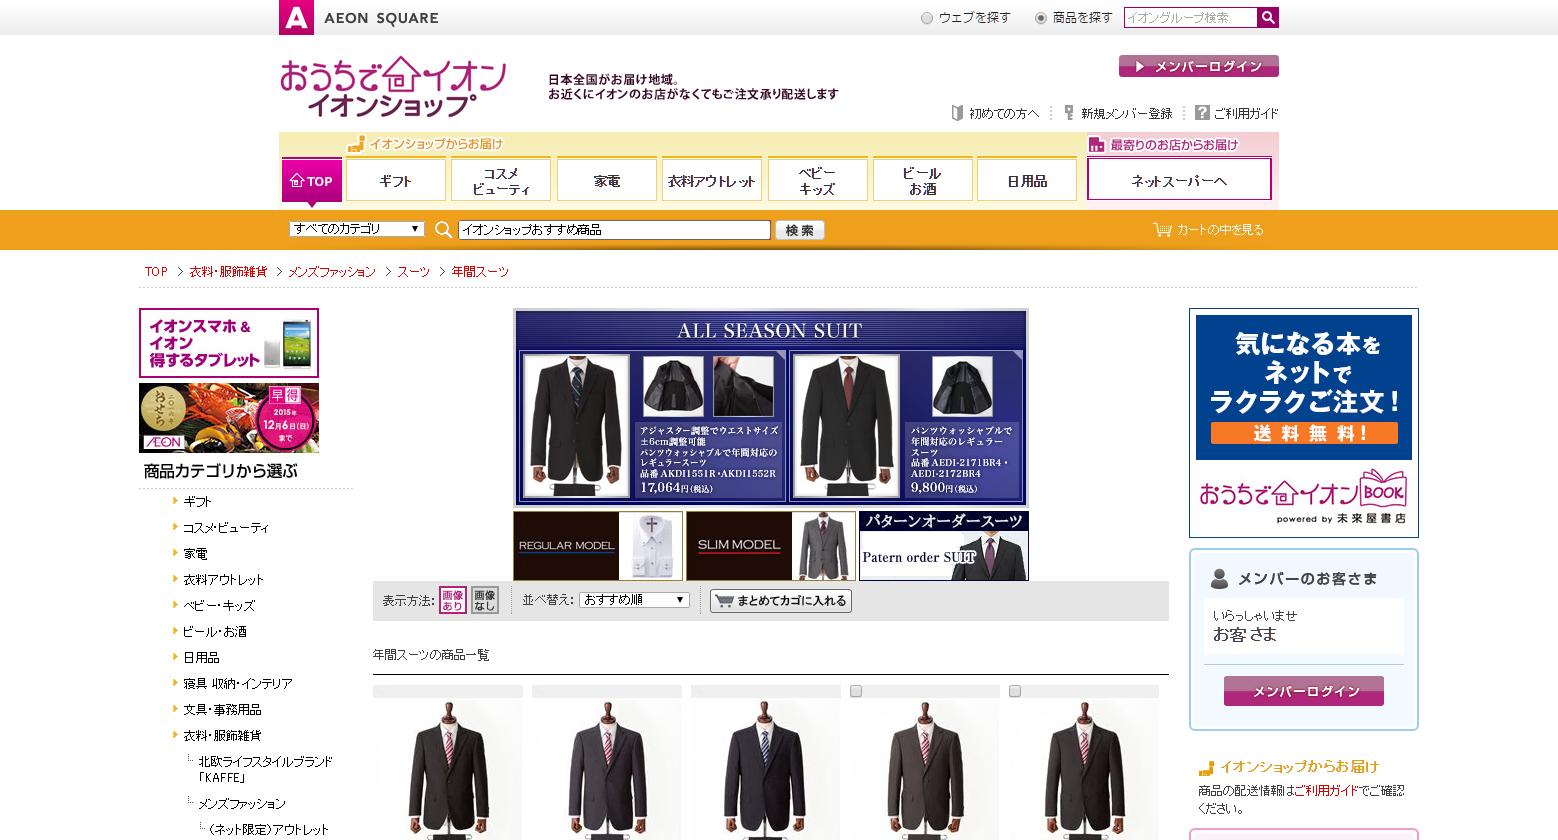 おうちでイオン イオンショップ 衣料・服飾雑貨 メンズファッション スーツ 年間スーツ